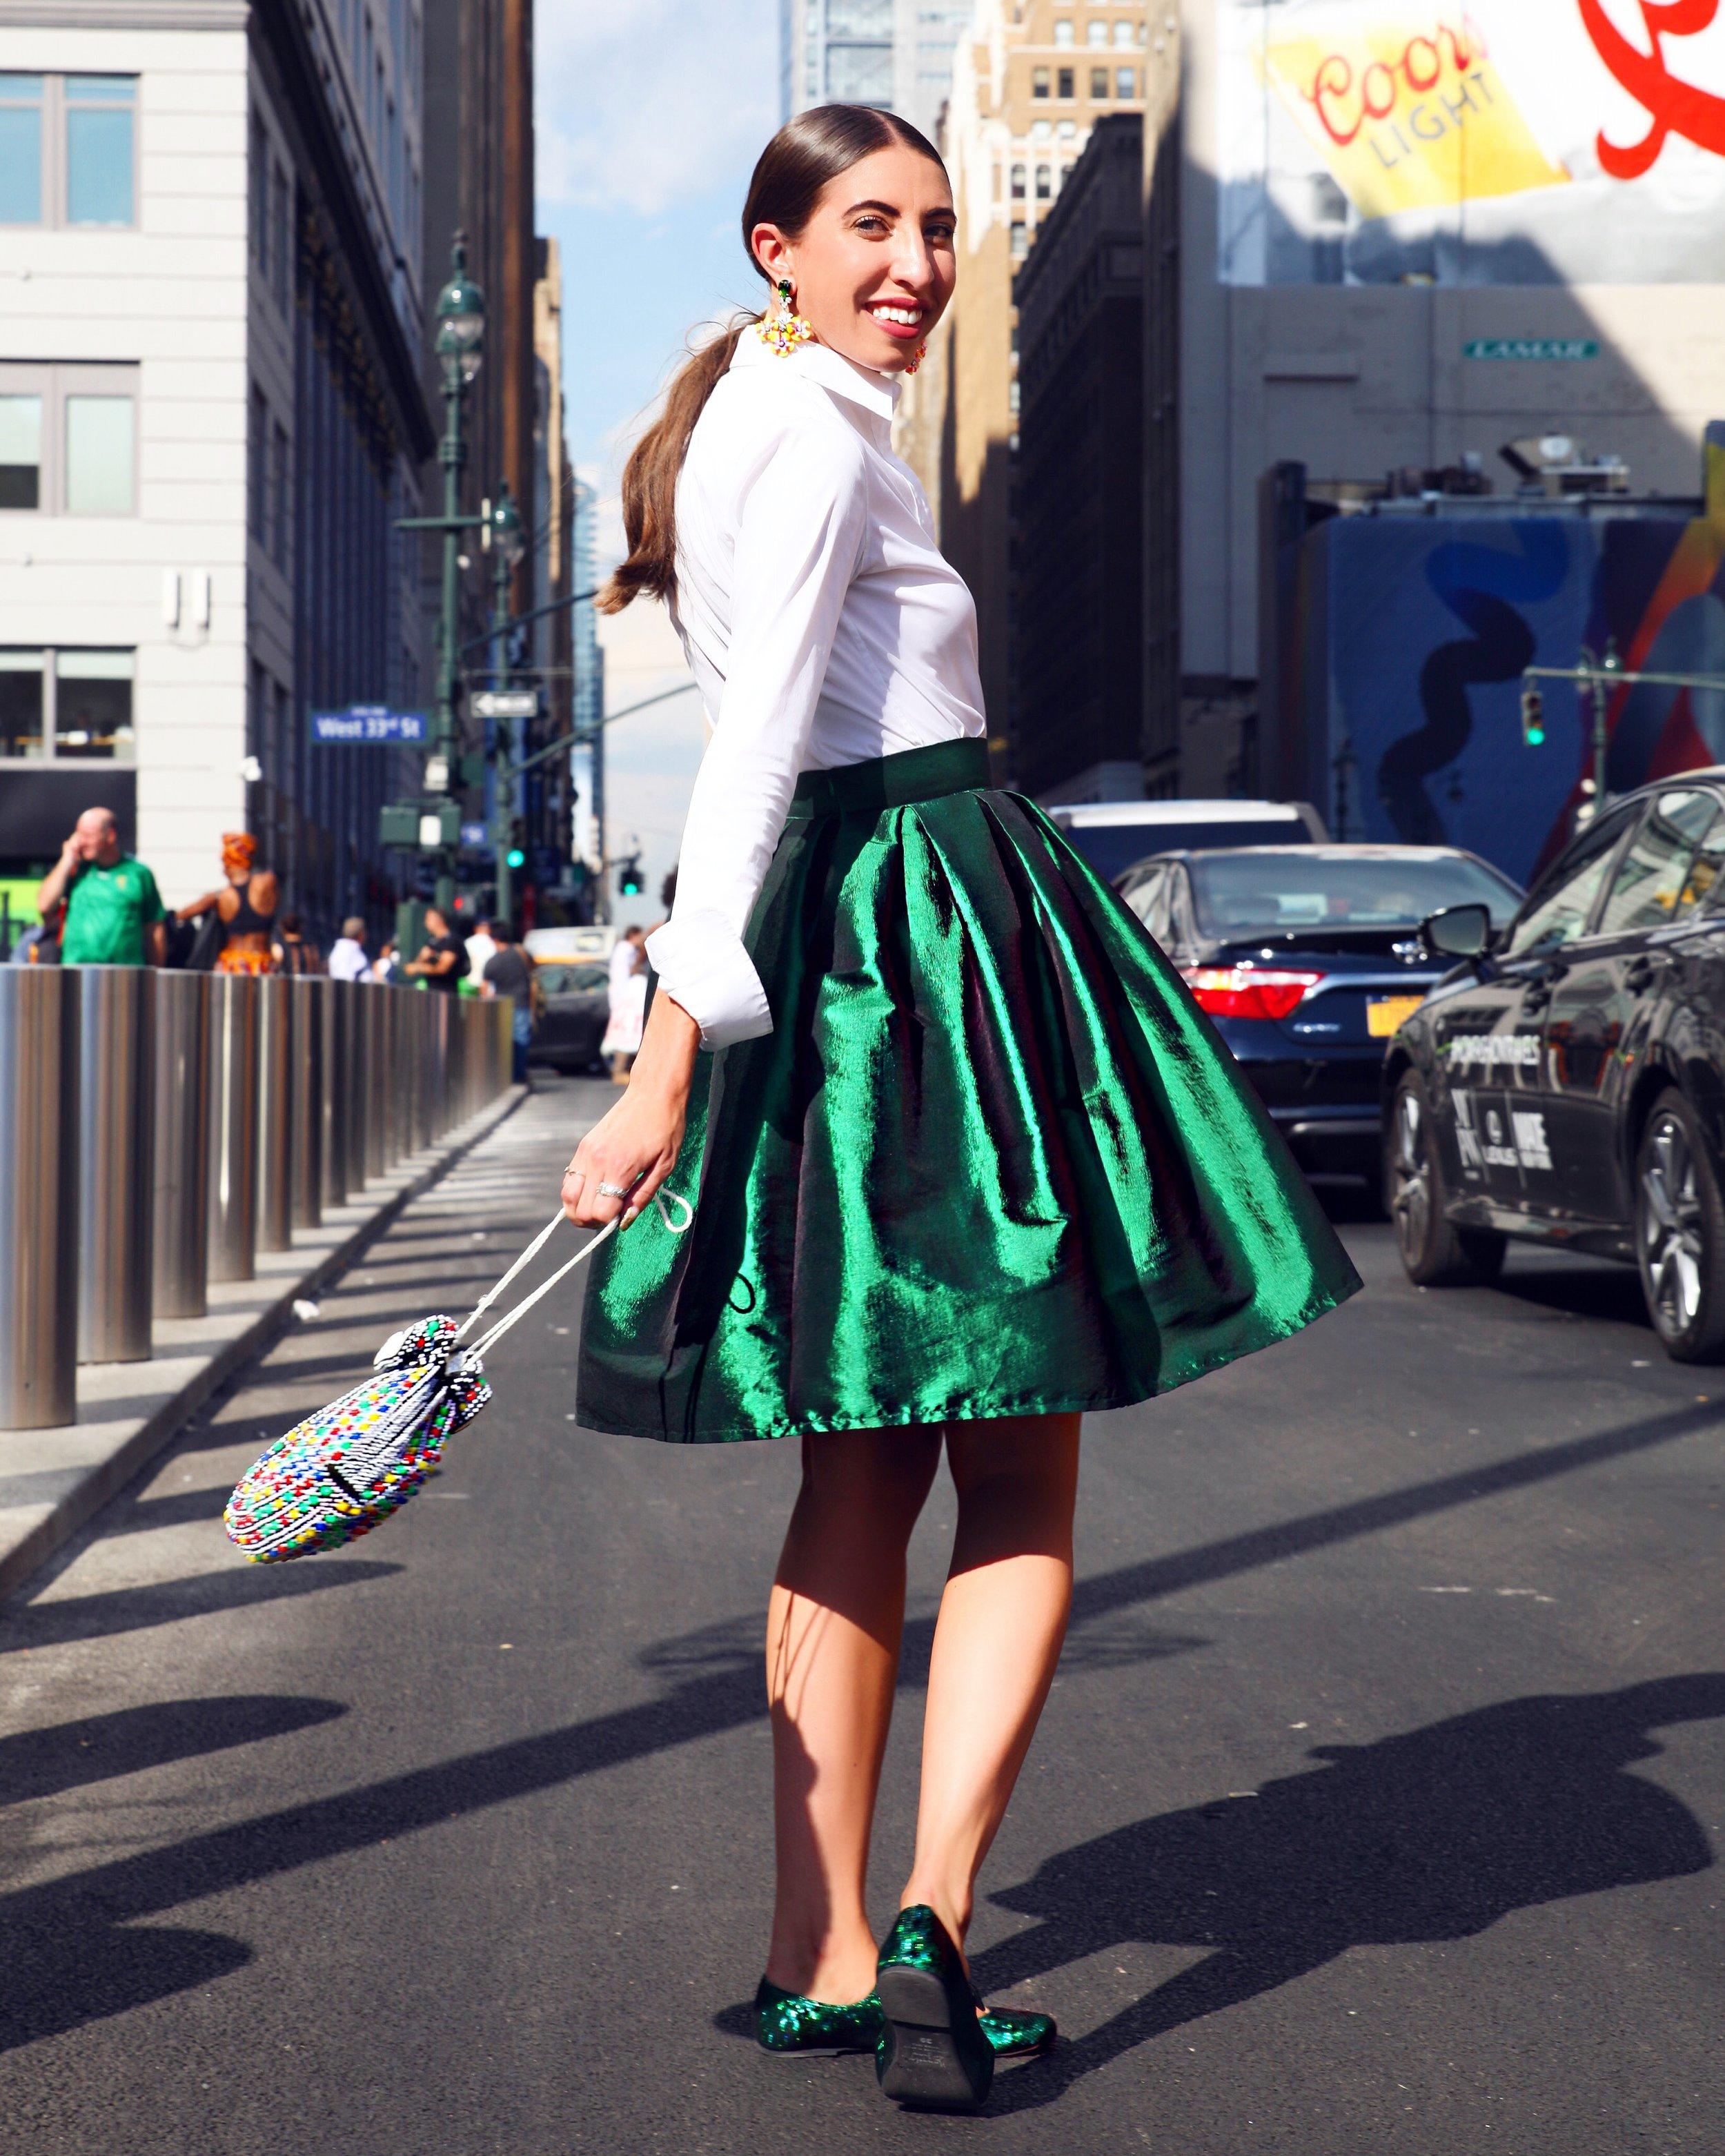 Photos Zach Chase via Runway Manhattan